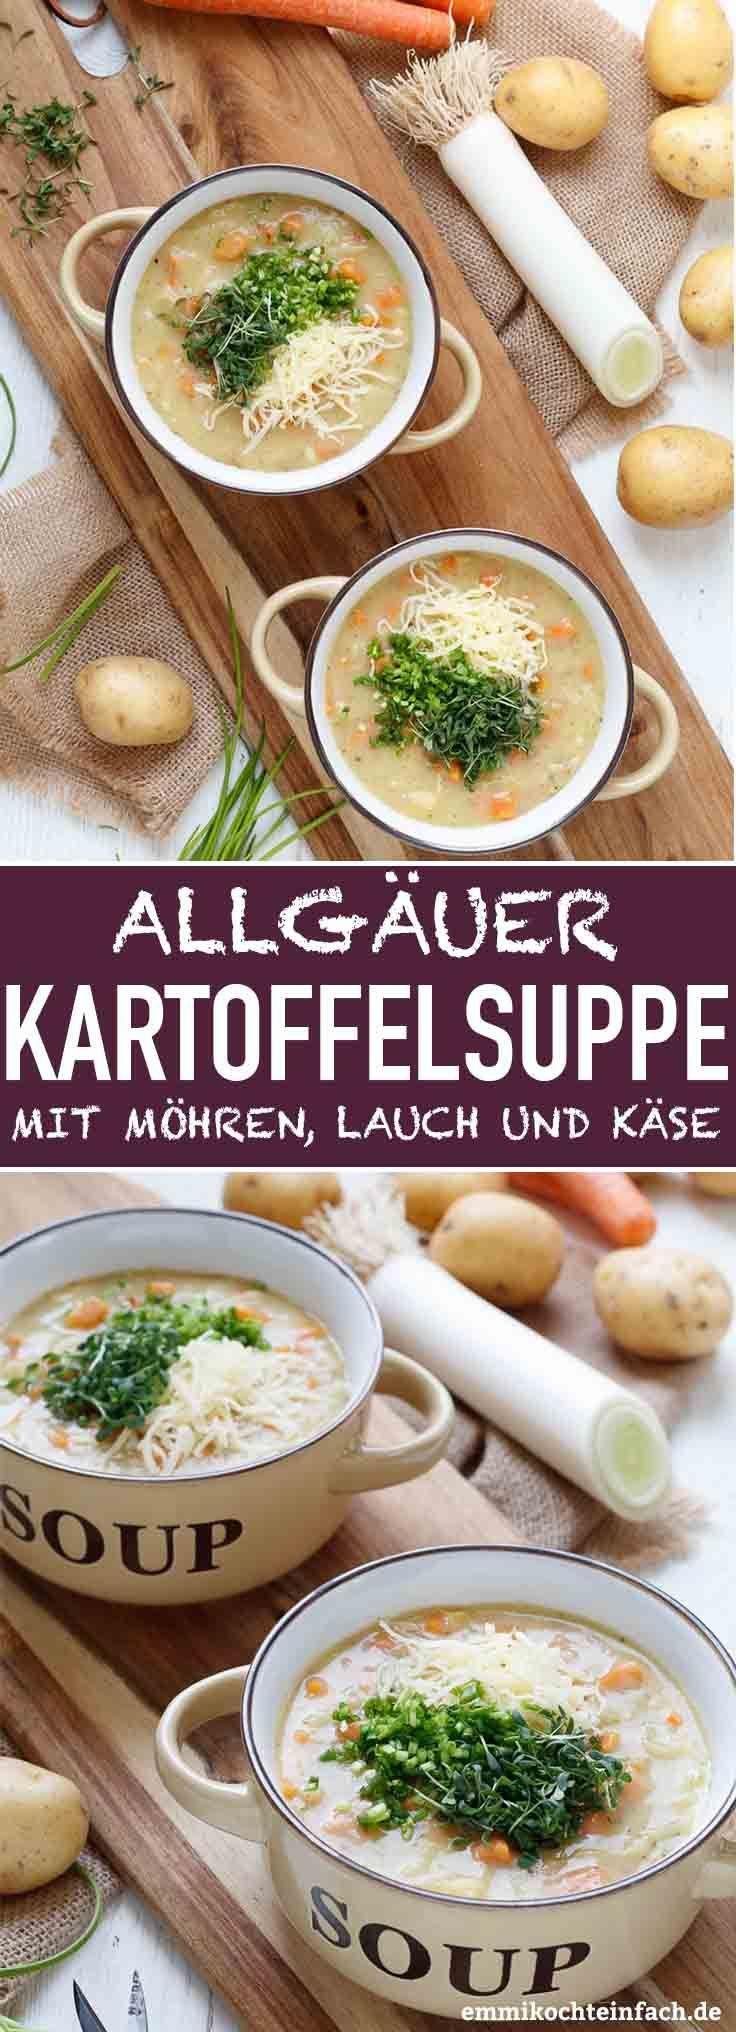 Allgäuer Kartoffelsuppe mit Möhren, Lauch & Emmentaler - emmikochteinfach